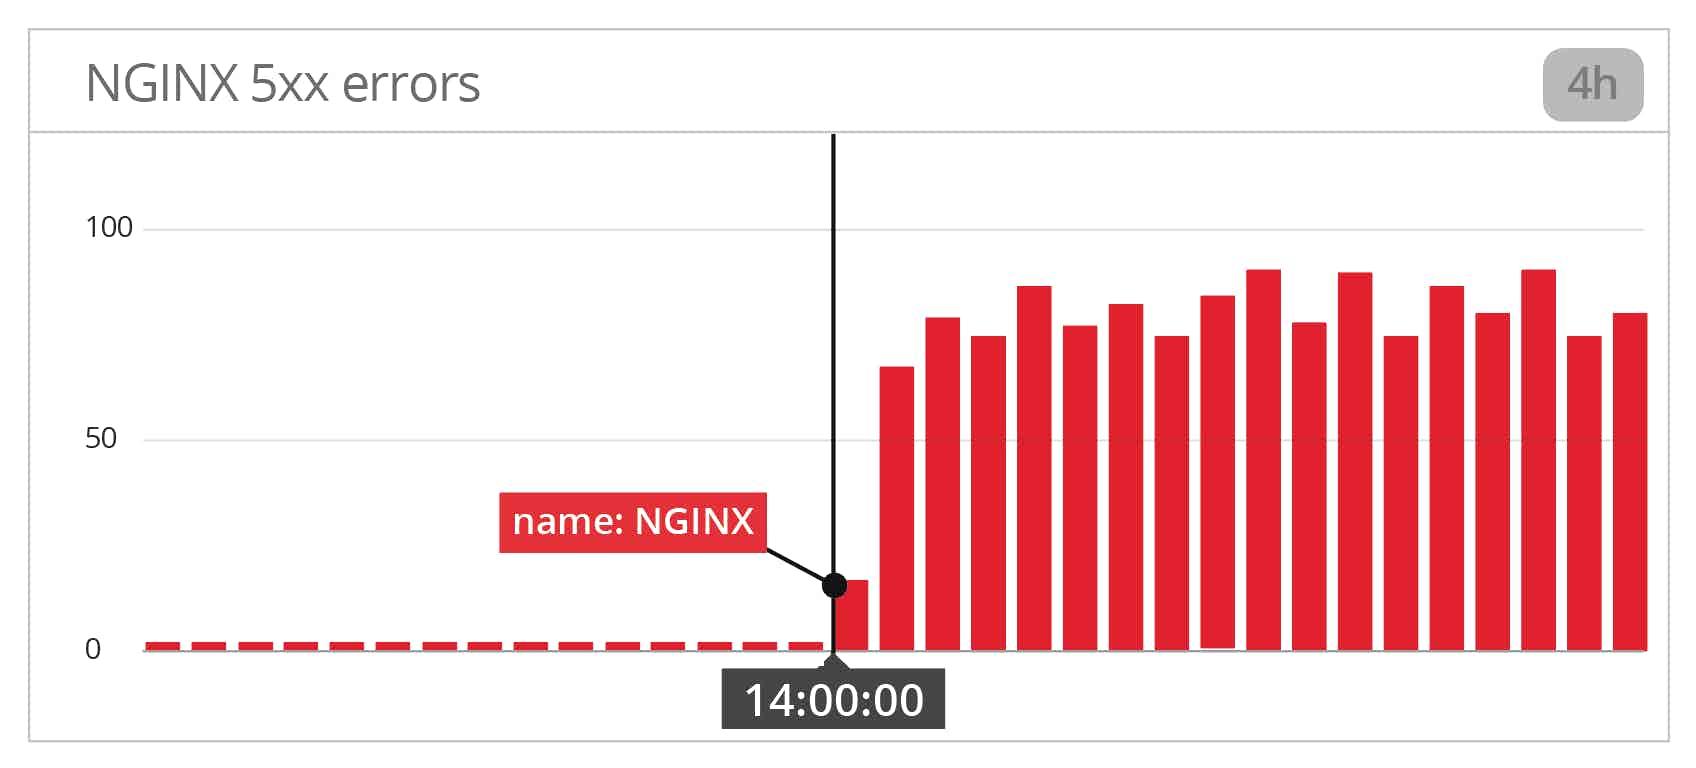 NGINX 5xx errors